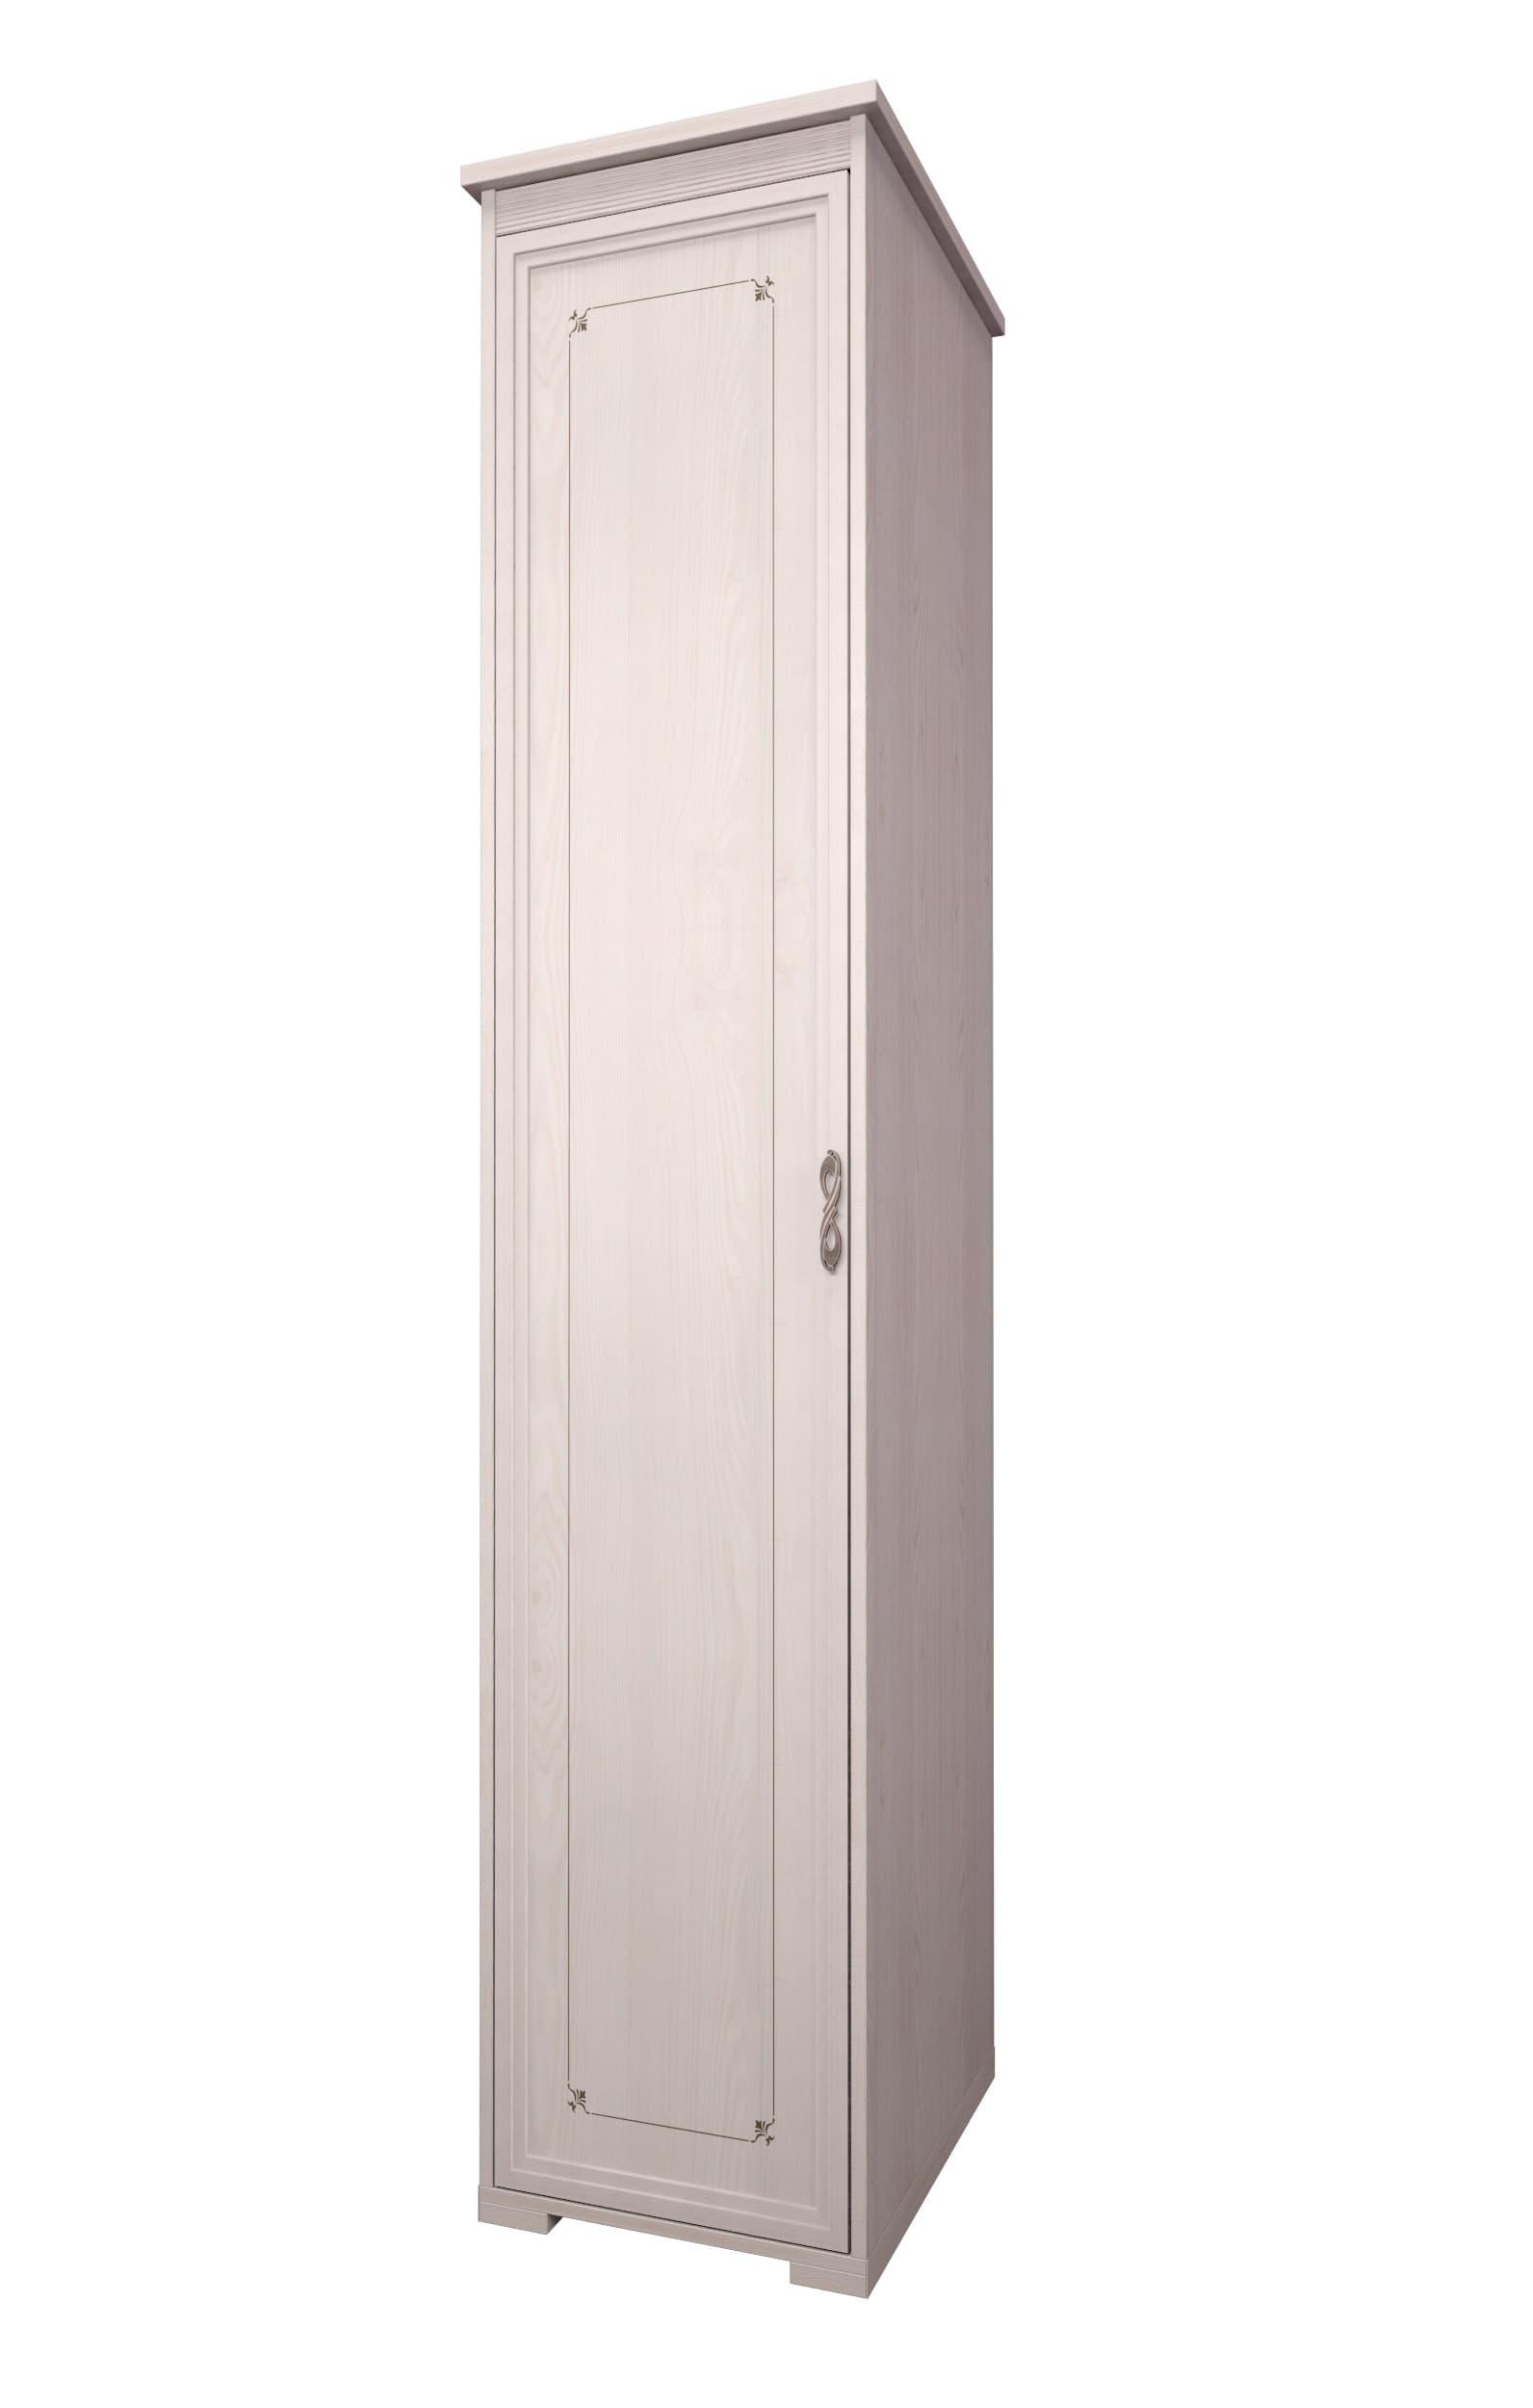 Шкаф-пенал Афродита 11 для белья (без карниза)